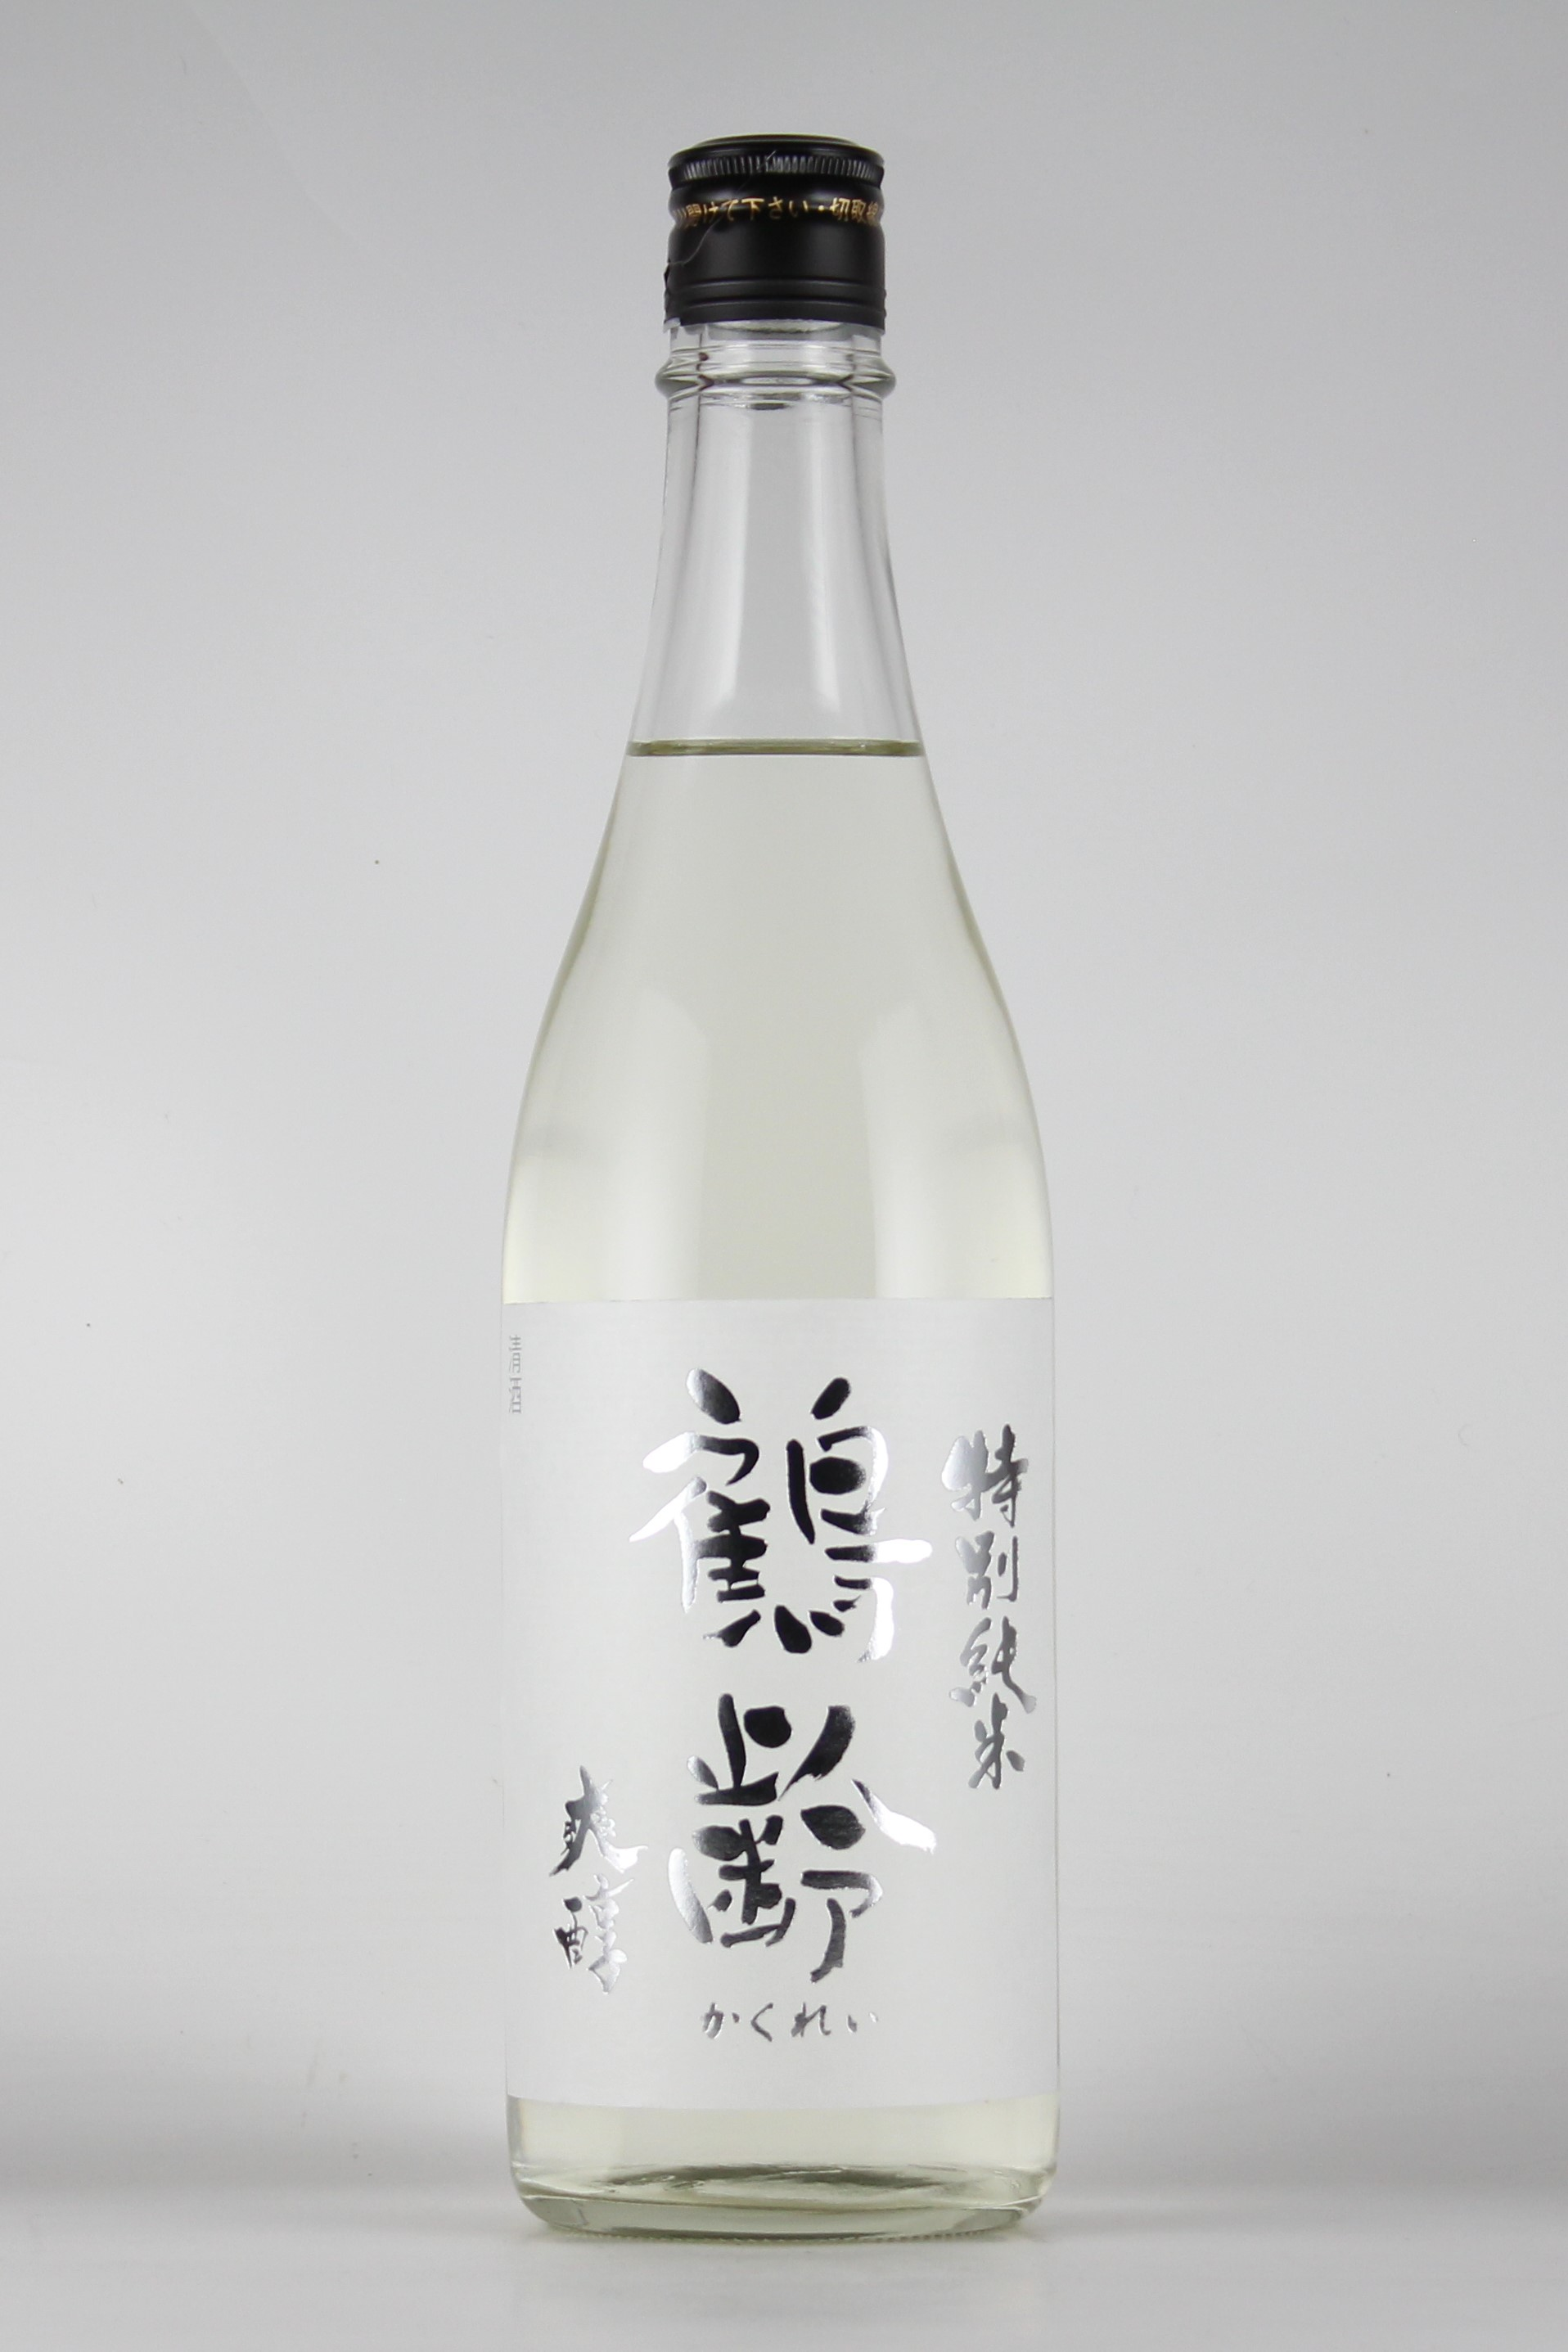 鶴齢 爽醇 特別純米 越淡麗 720ml 【新潟/青木酒造】